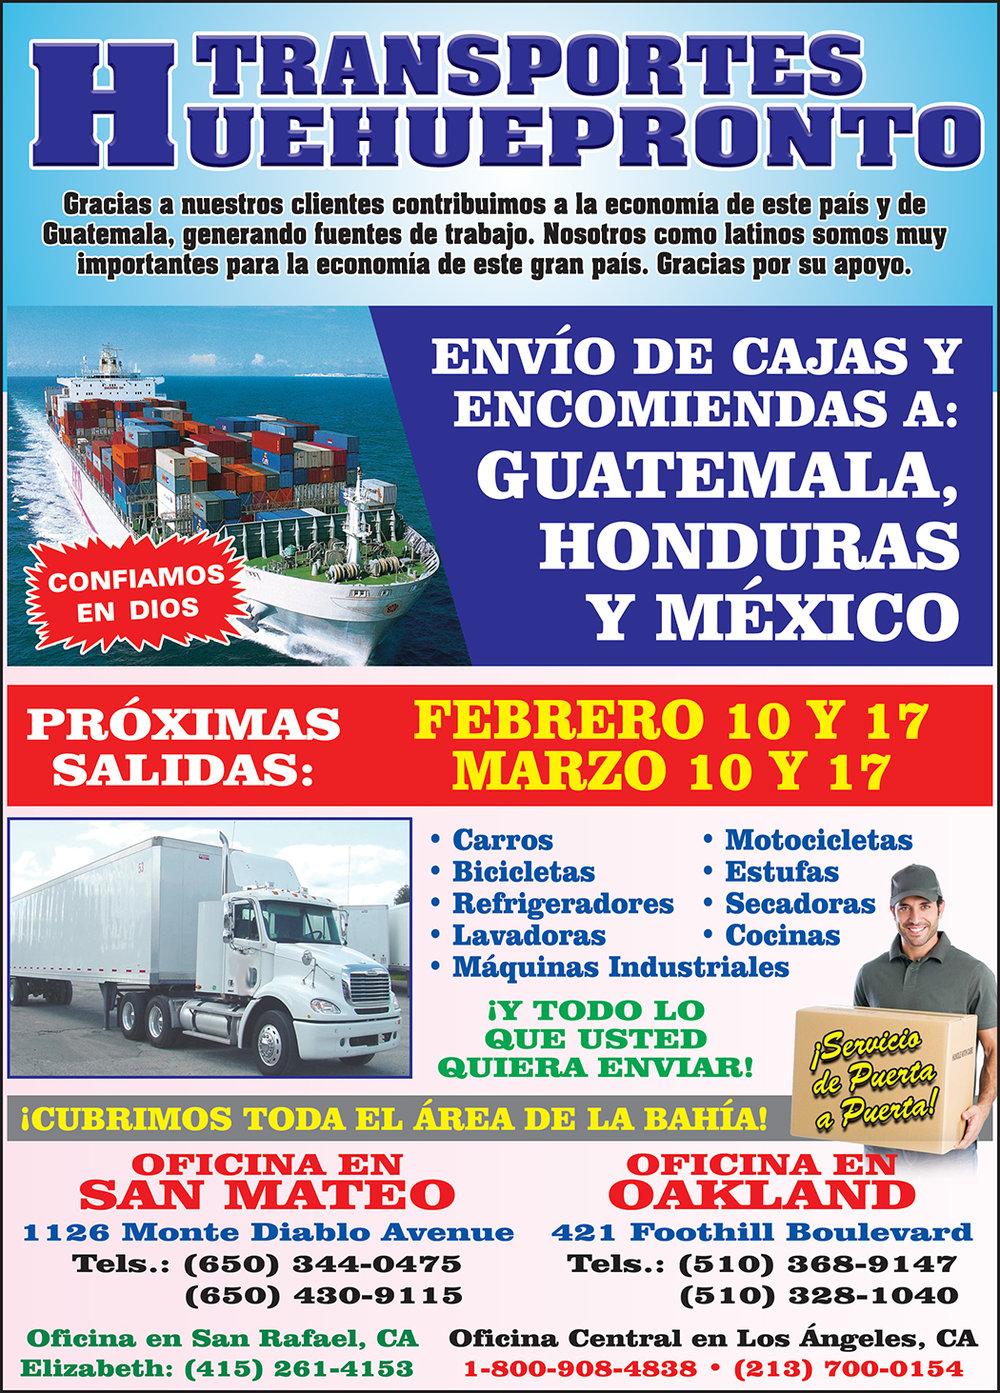 Transportes Huehuepronto 1pag - FEBRERO 2019.jpg